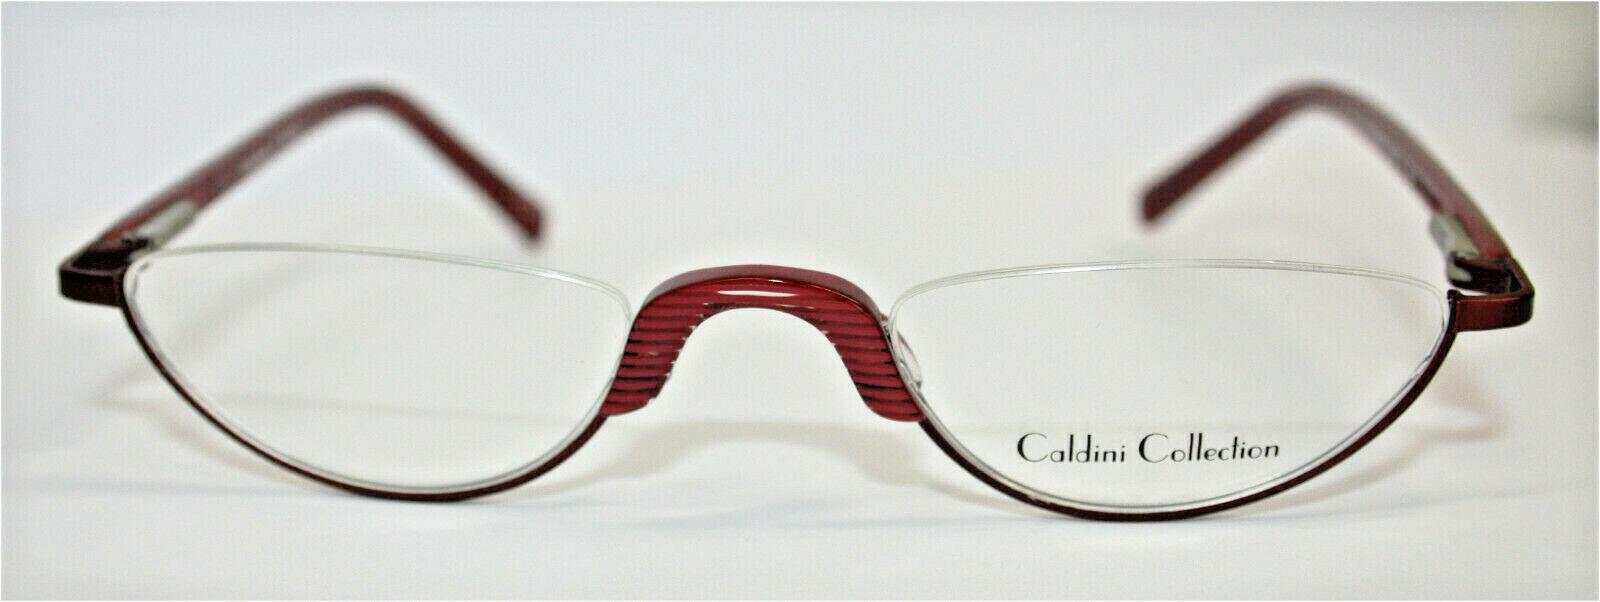 Brillenfassung Lesebrille Halbbrille rot matt Caldini MC 029 C2